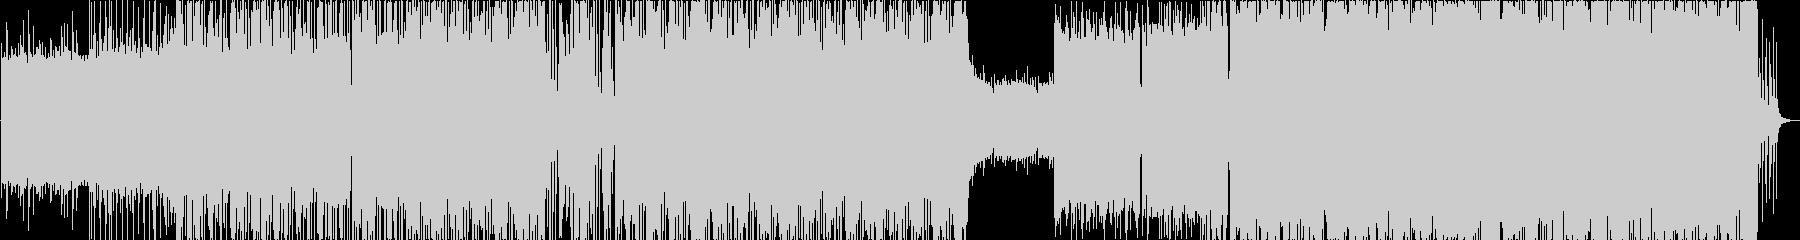 徐々に盛り上がるクールなファンキーロックの未再生の波形